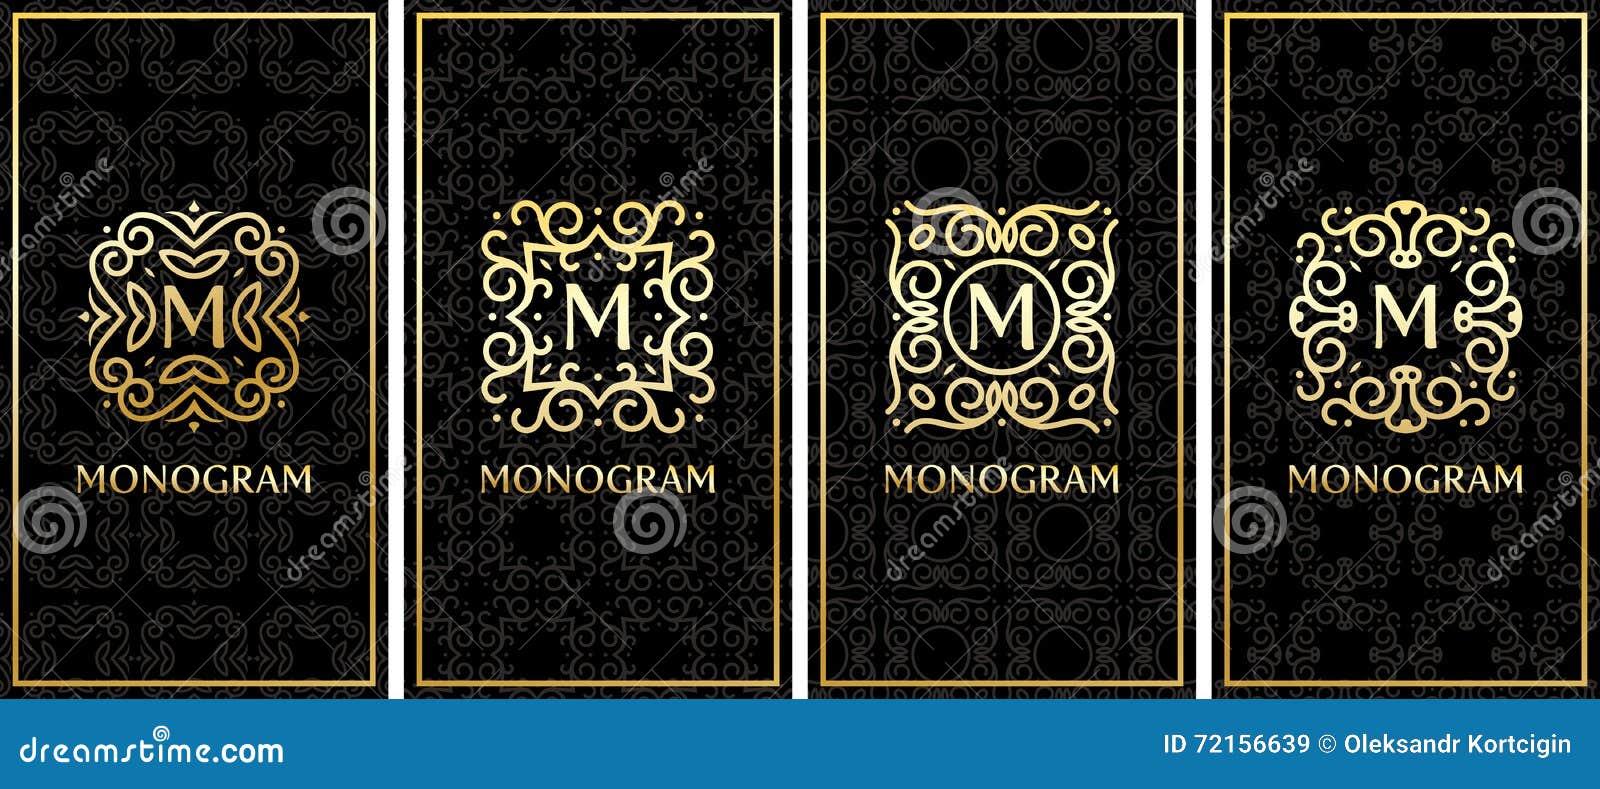 Calibres De Carte Visite Professionnelle Avec Le Monogramme Elegant Dor Sur Fond Noir